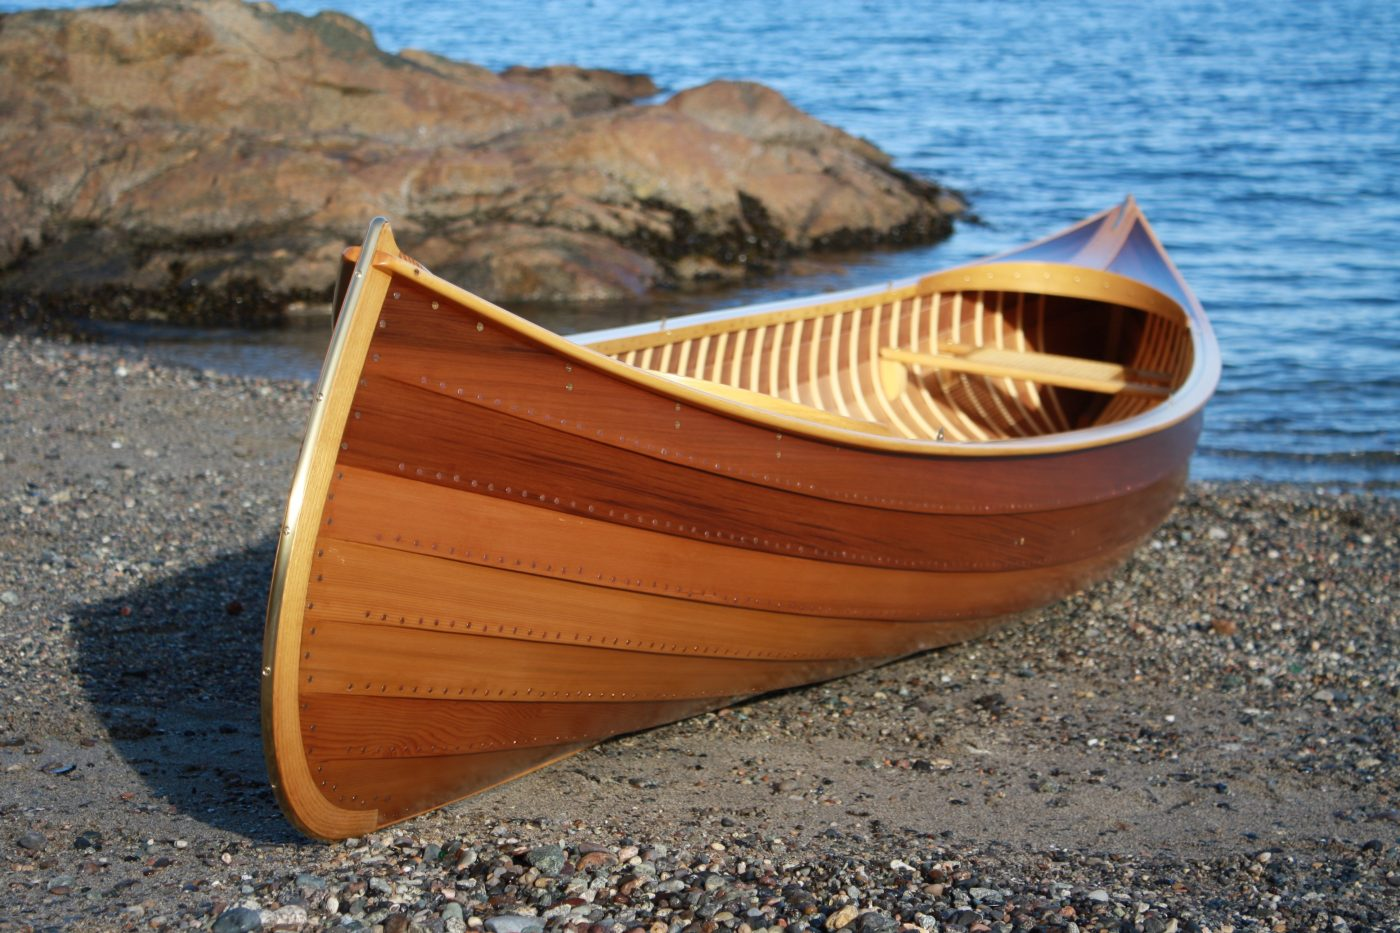 Canadian Ugo canoe on beach